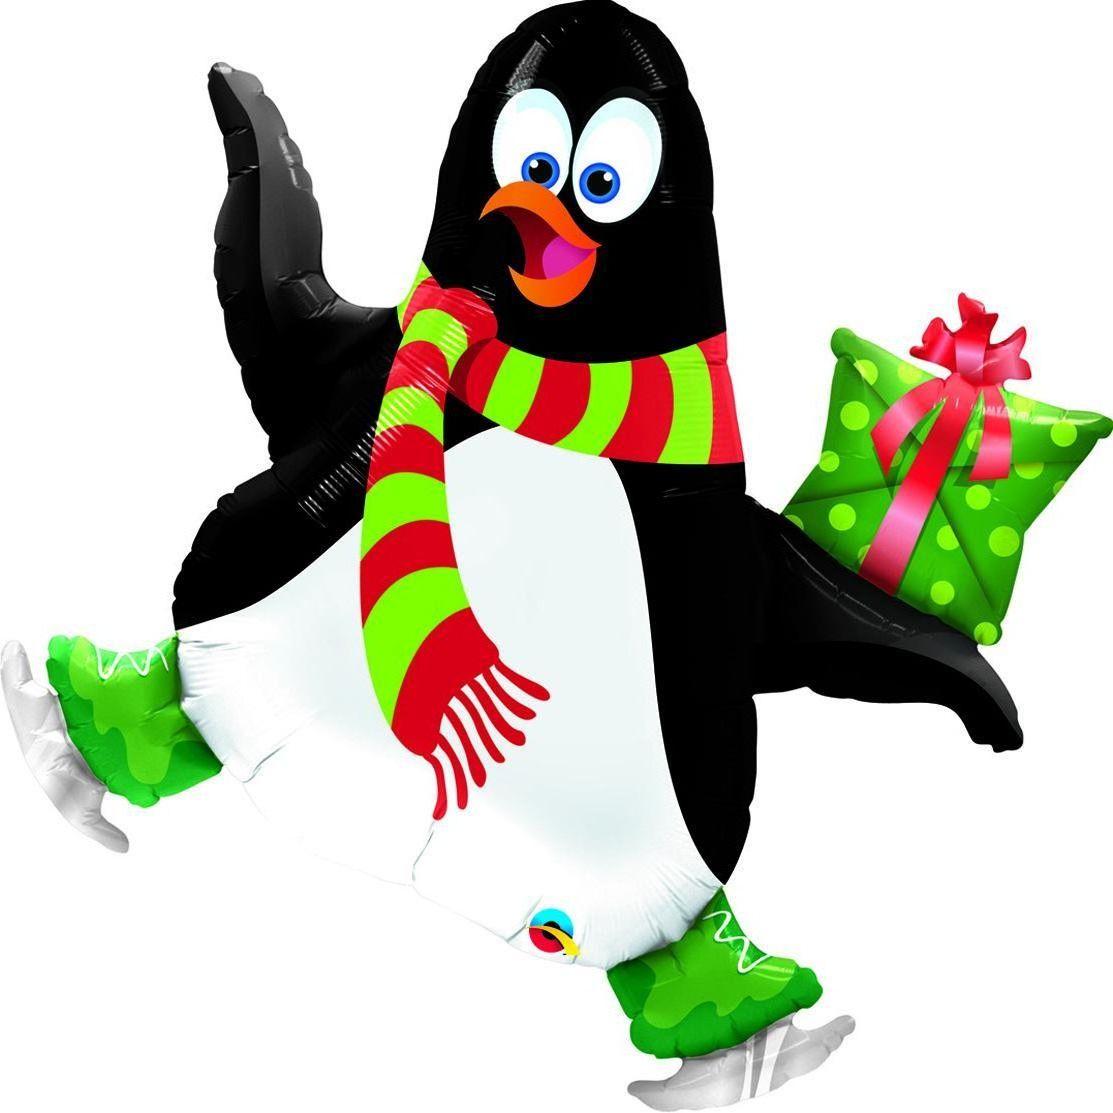 Пингвины картинки новогодние, мордочкой меня уважительная